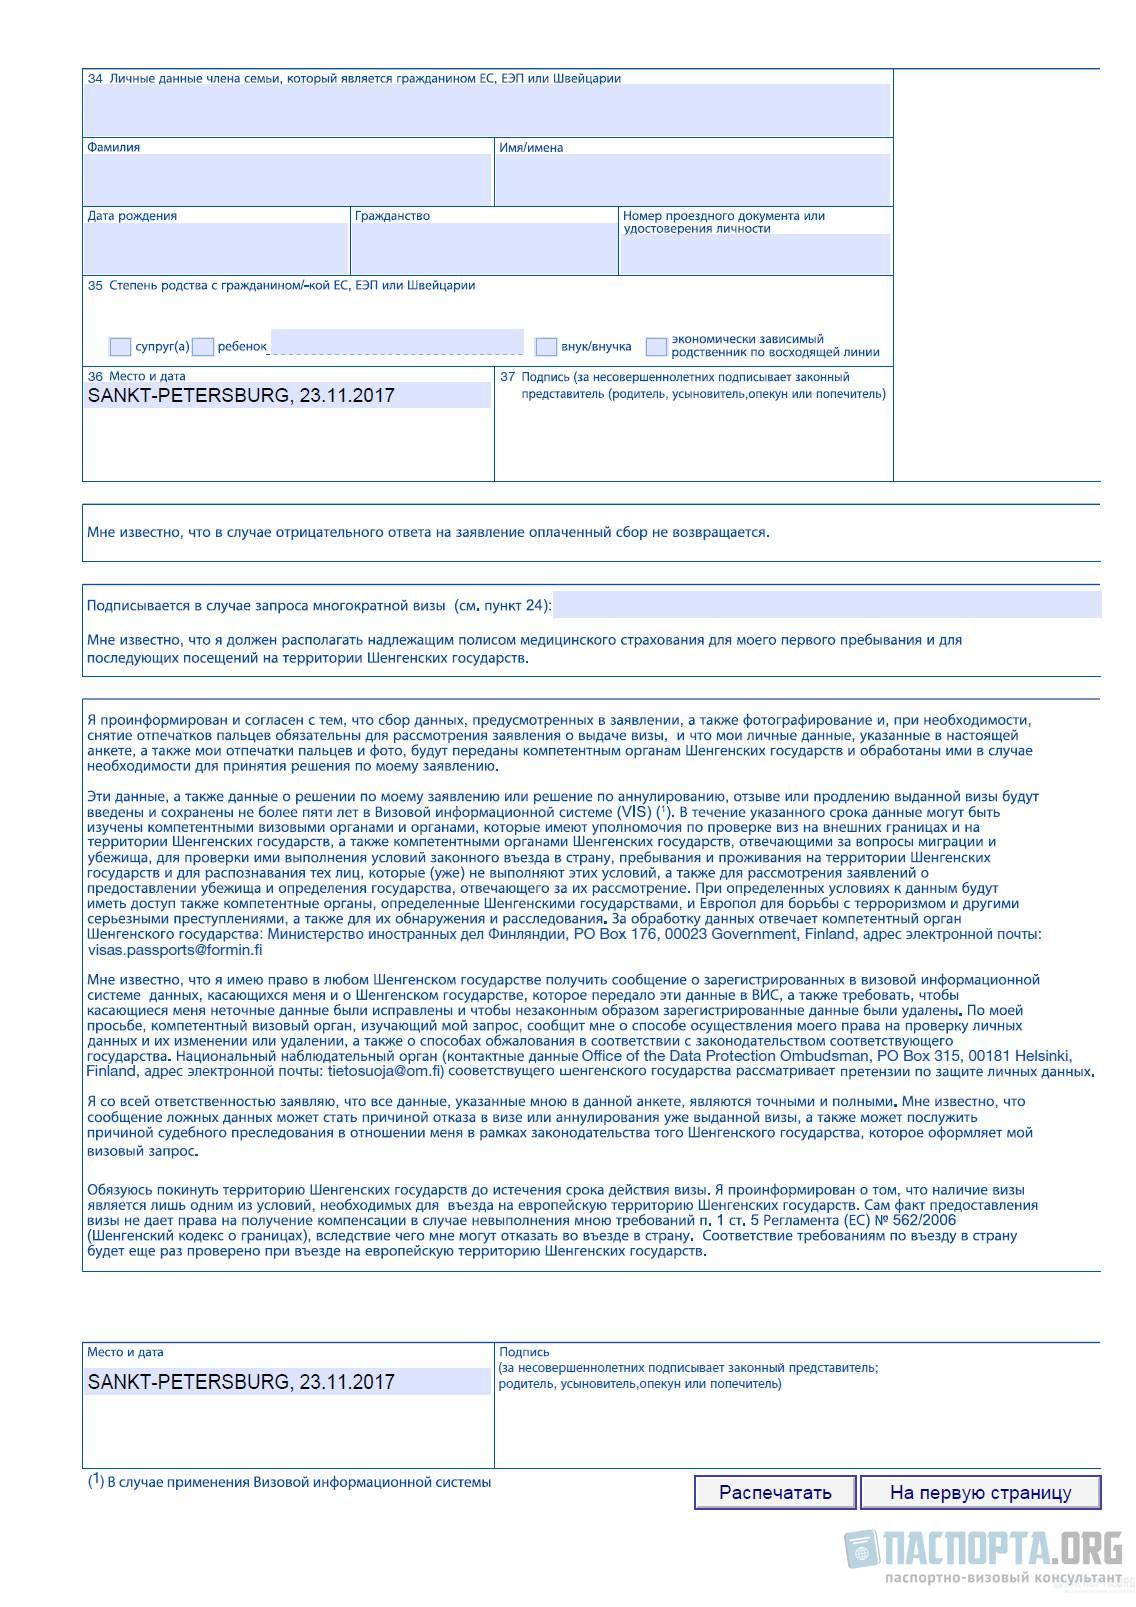 Анкета на визу в финляндию: пошаговая инструкция по заполнению, образец